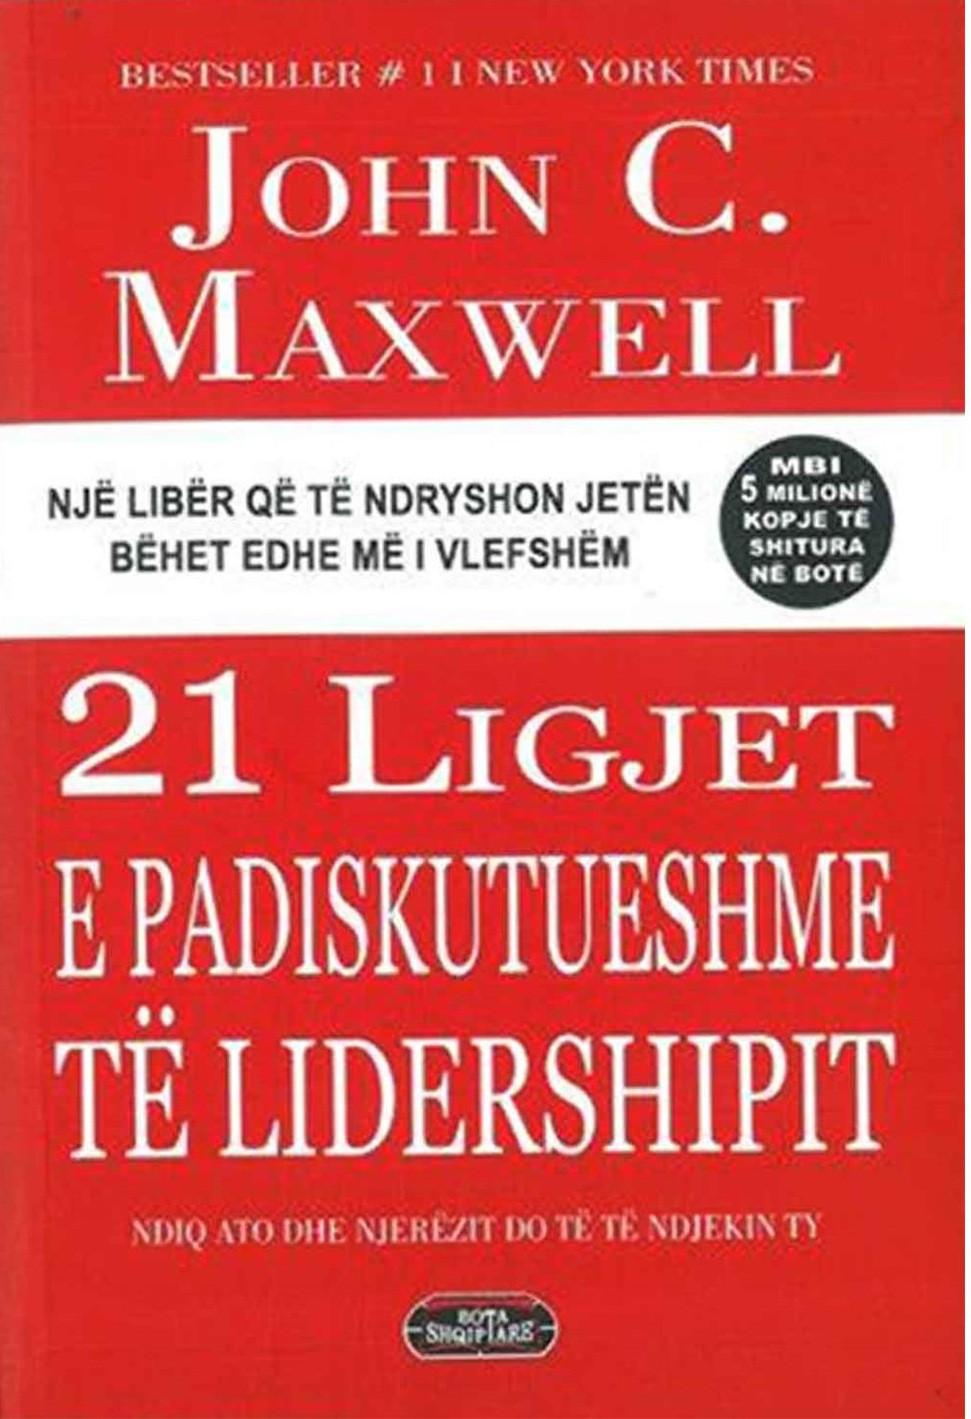 21 ligjet e padiskutueshme te lidershipit